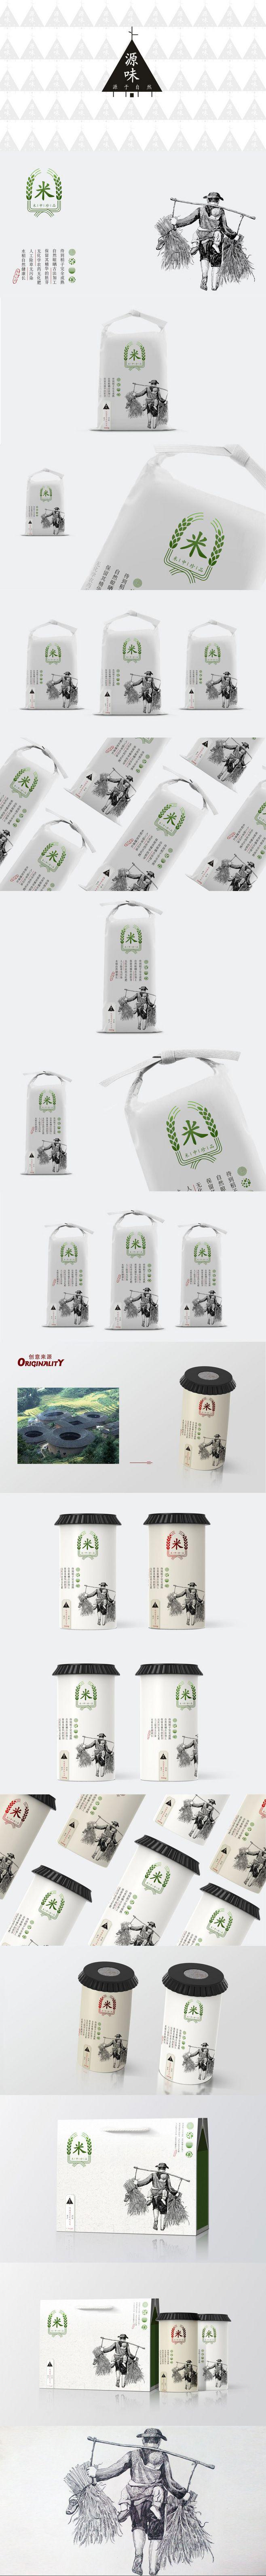 源味-大米包装设计 Rice harvesting story on packaging PD